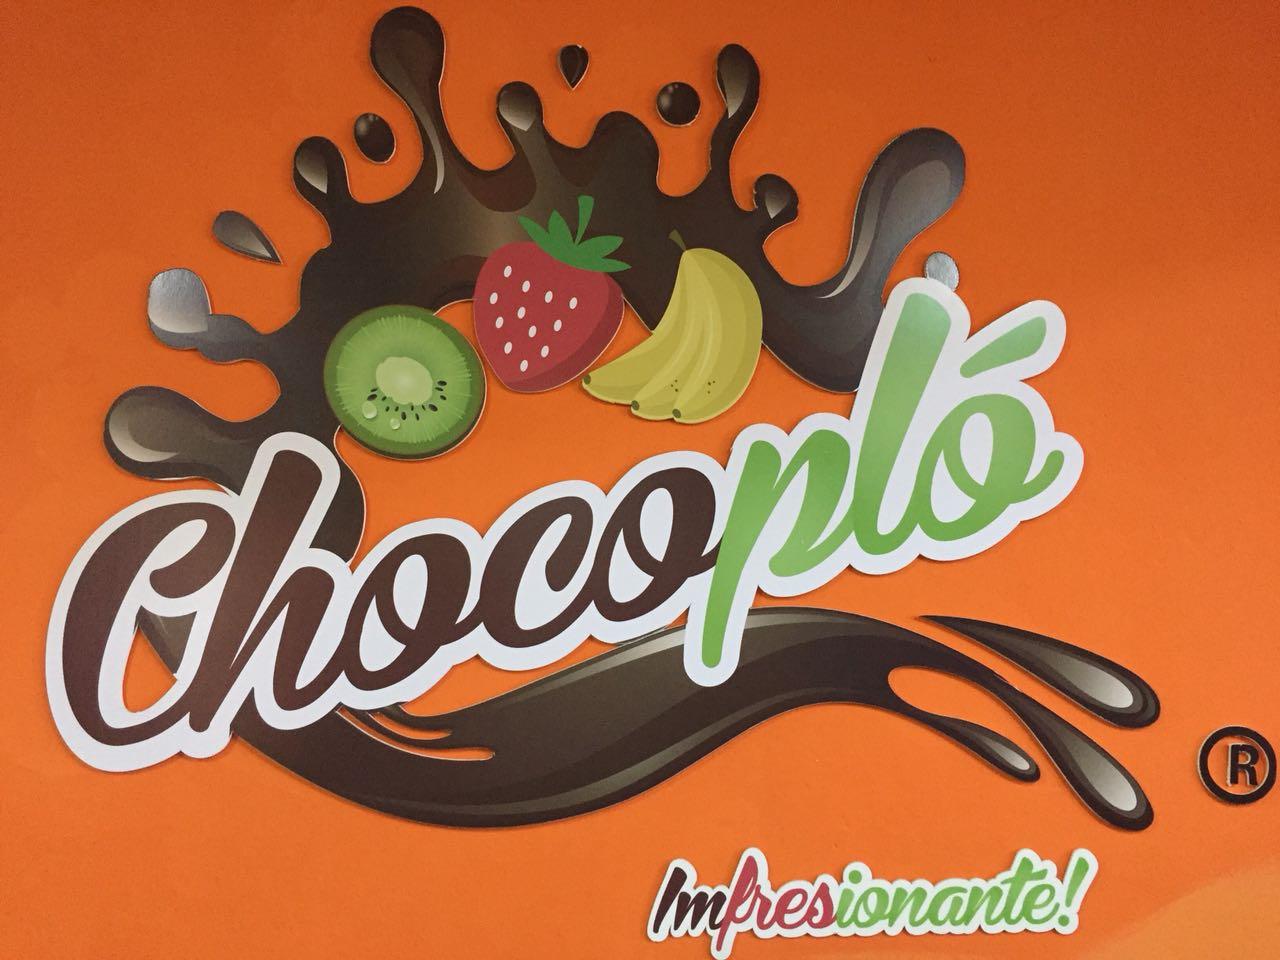 Logo de Chocopló